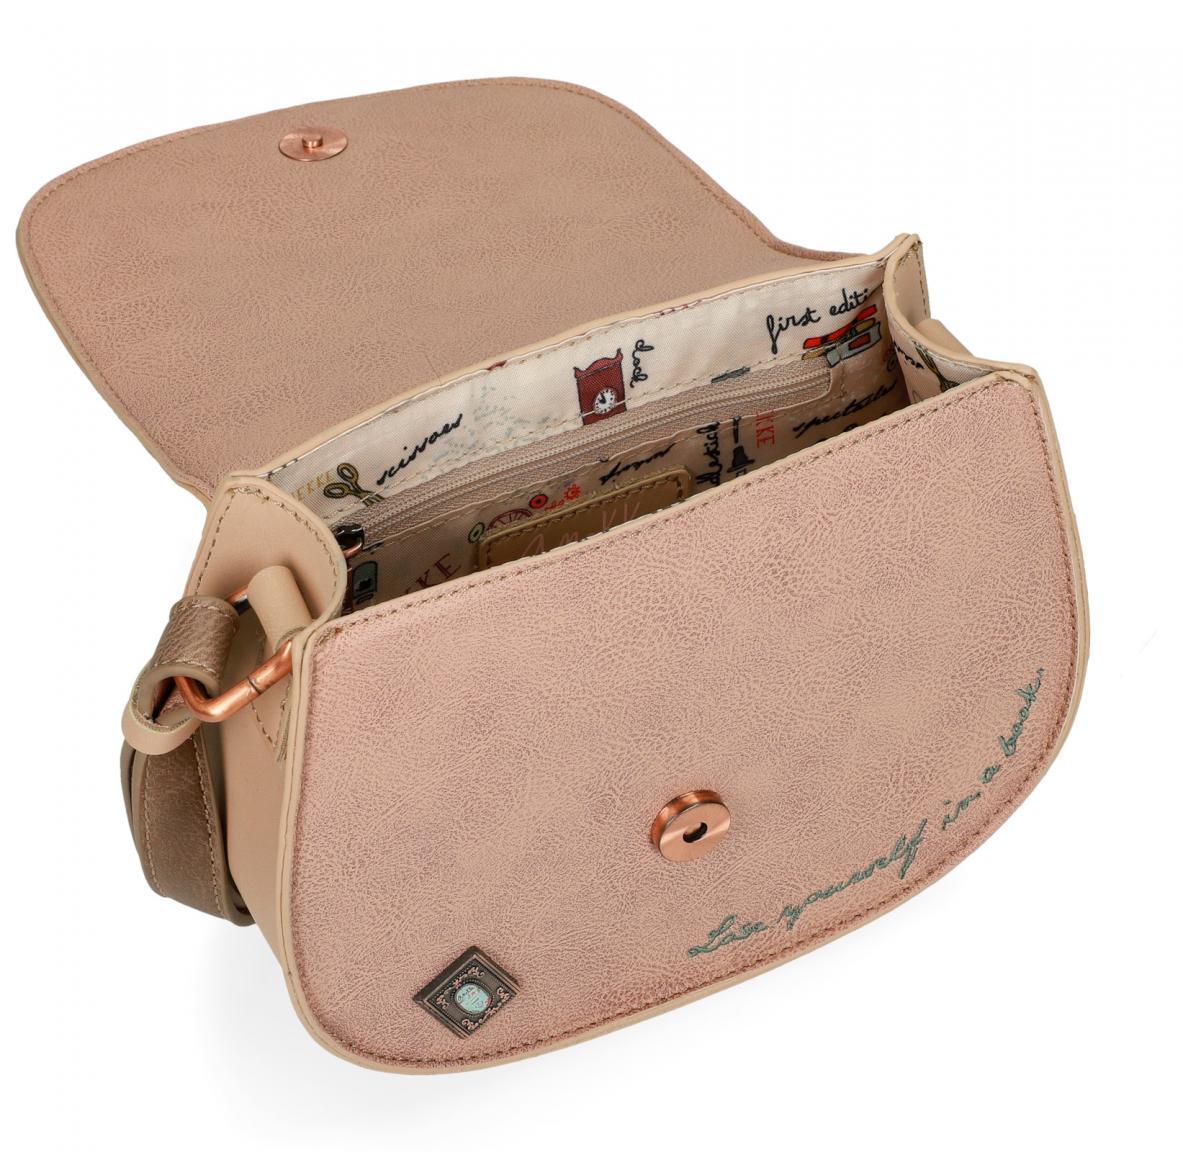 Überschlagtasche Anekke Jane Stickerei Pastell Buch beige rosa